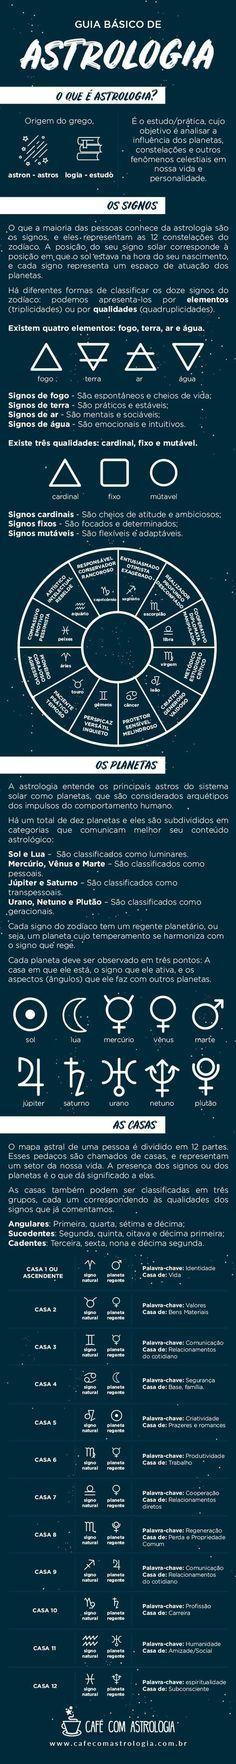 guia básico de astrologia - café com astrologia #guia #zodíaco #signos #astrologia